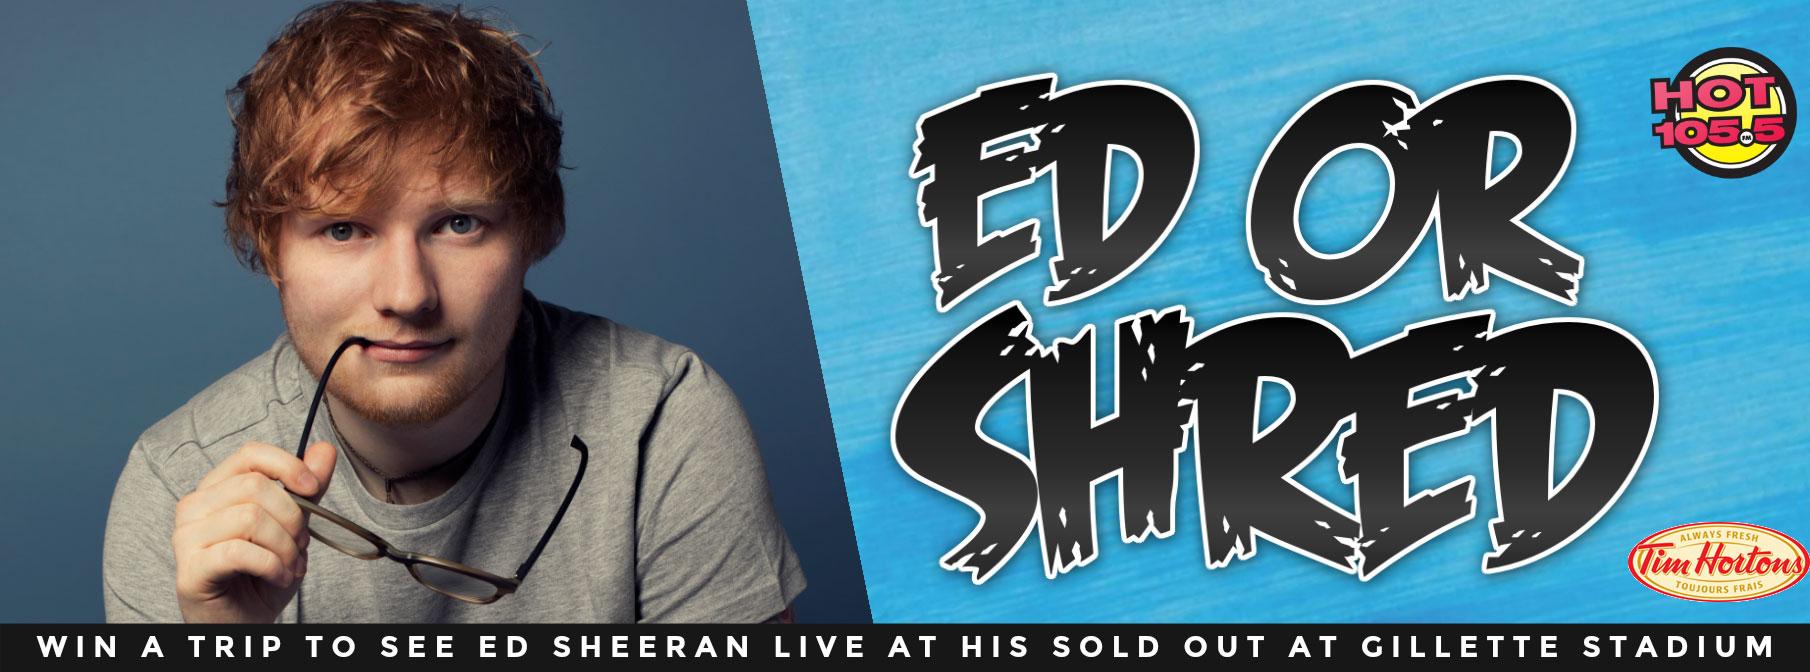 Ed Or Shred